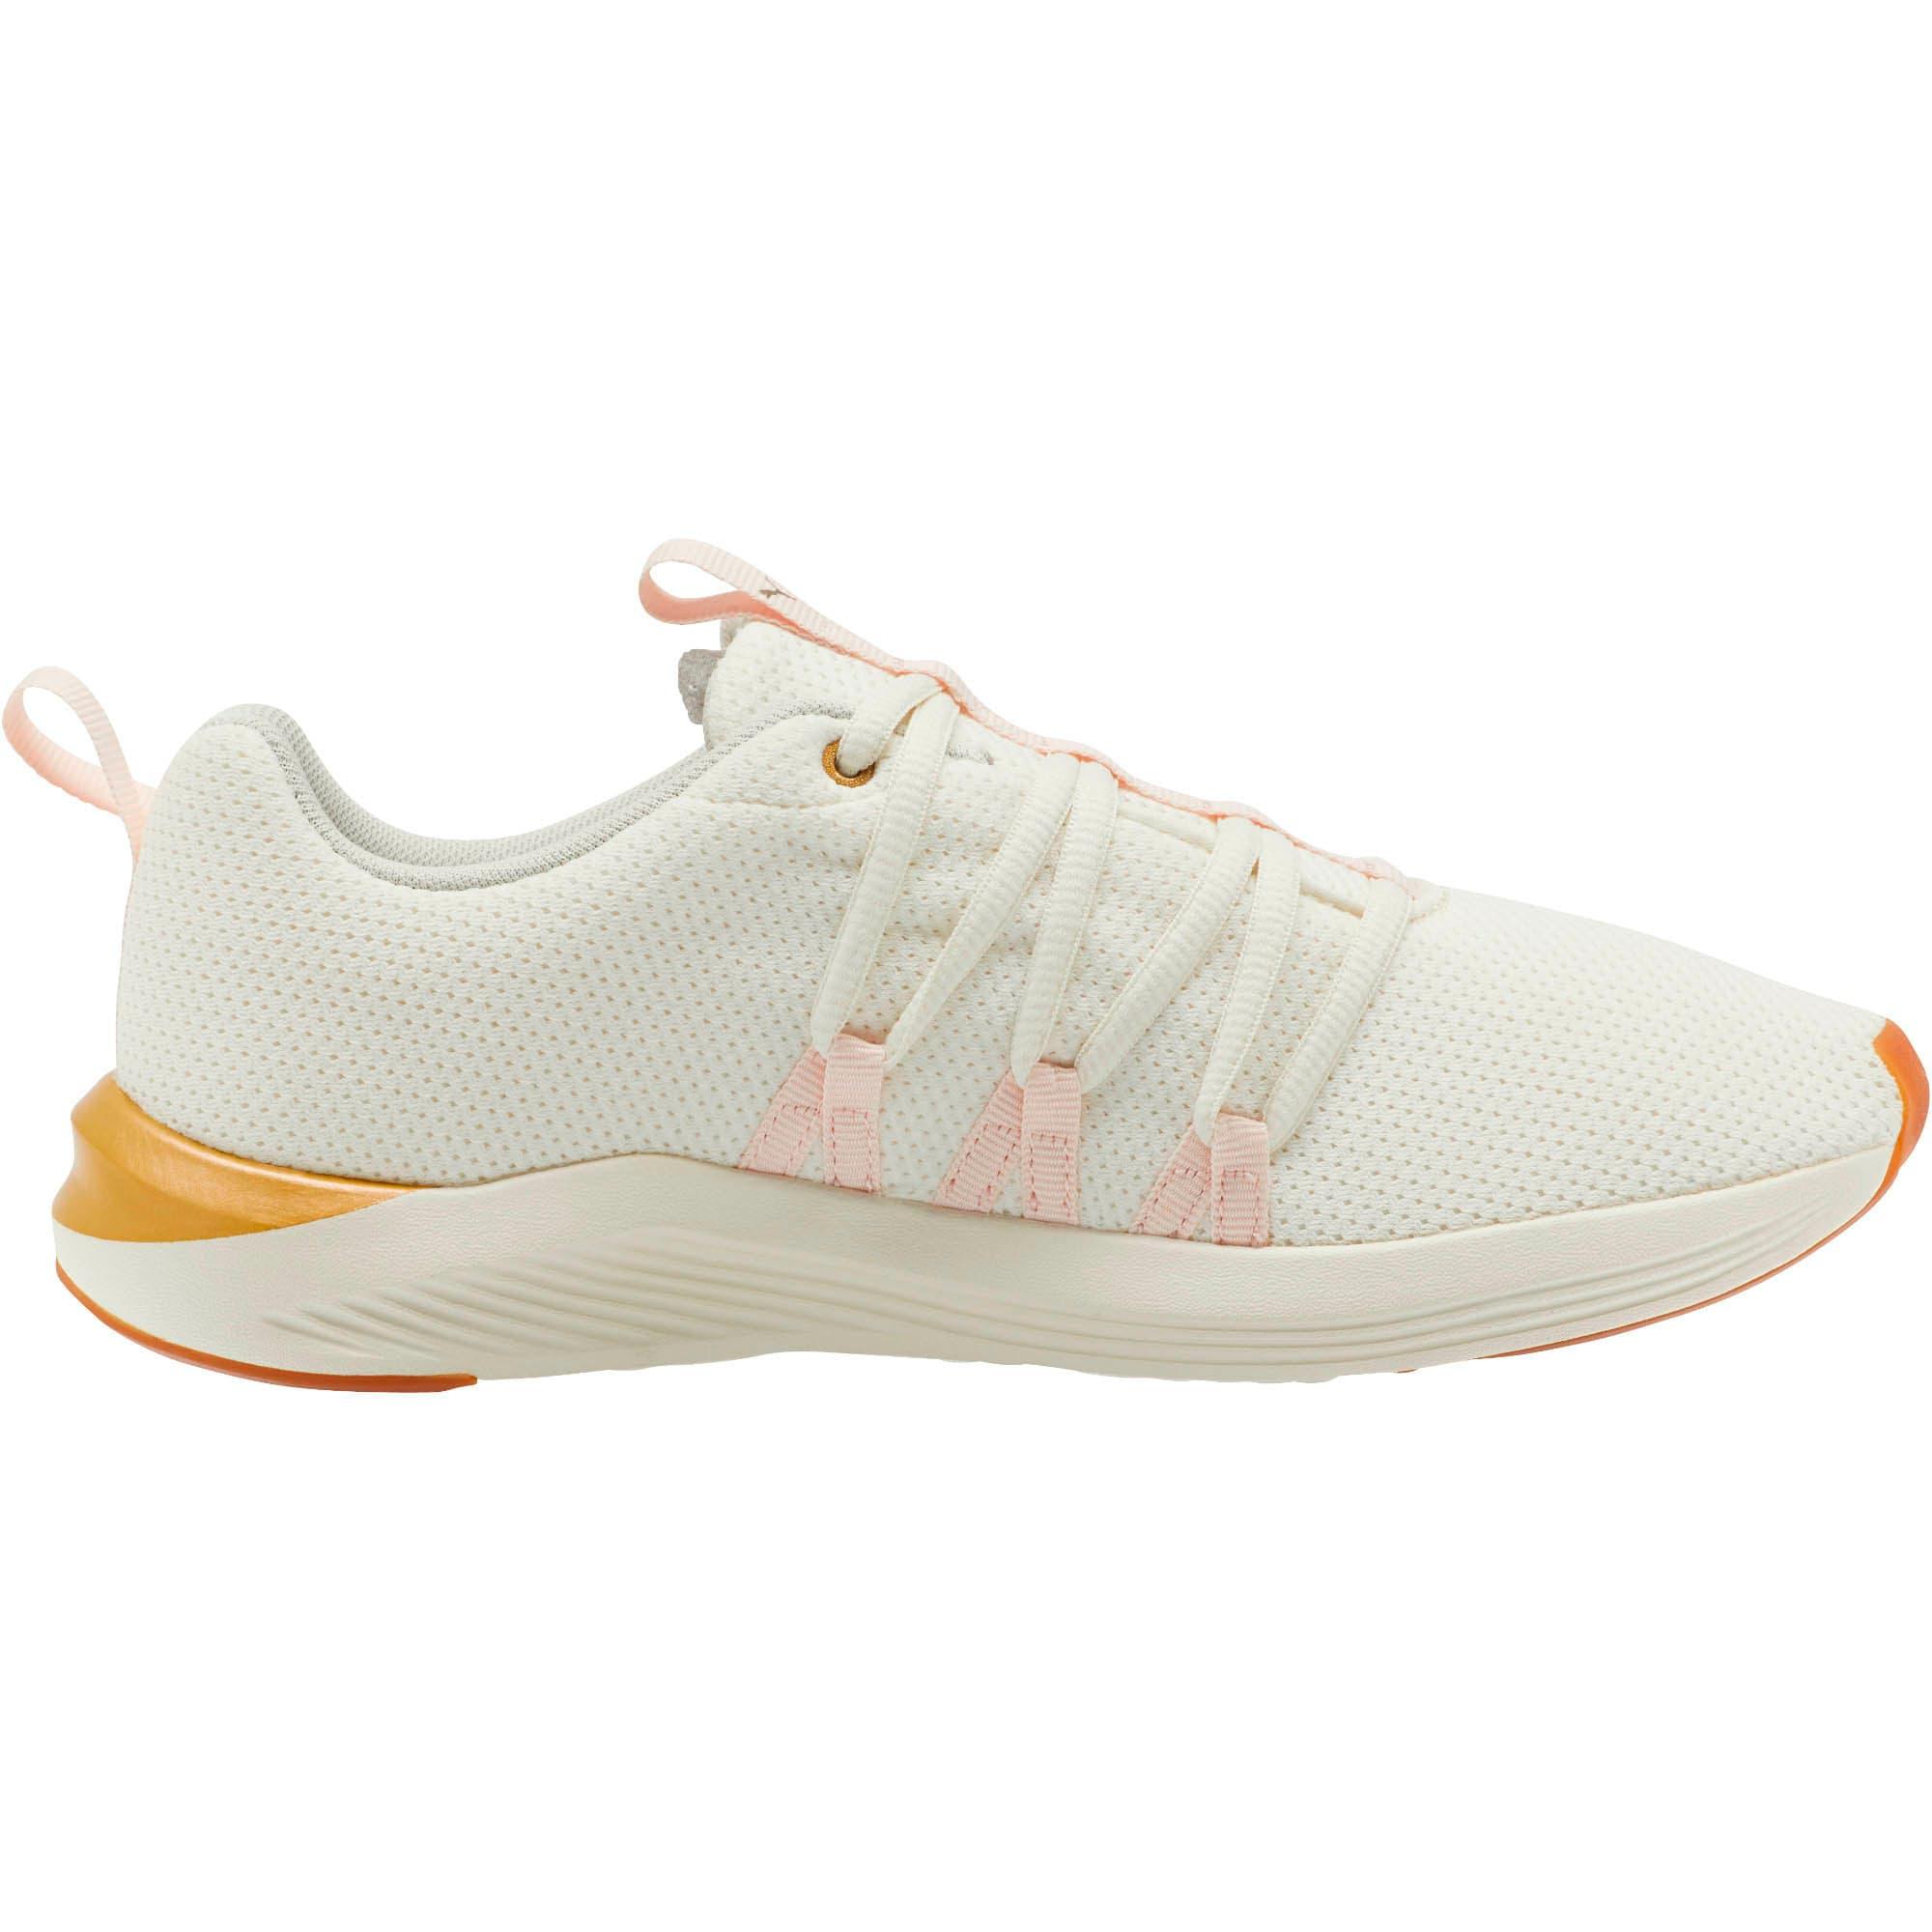 Thumbnail 4 of Prowl Alt Sweet Women's Training Shoes, Whisper White-Barely Pink, medium